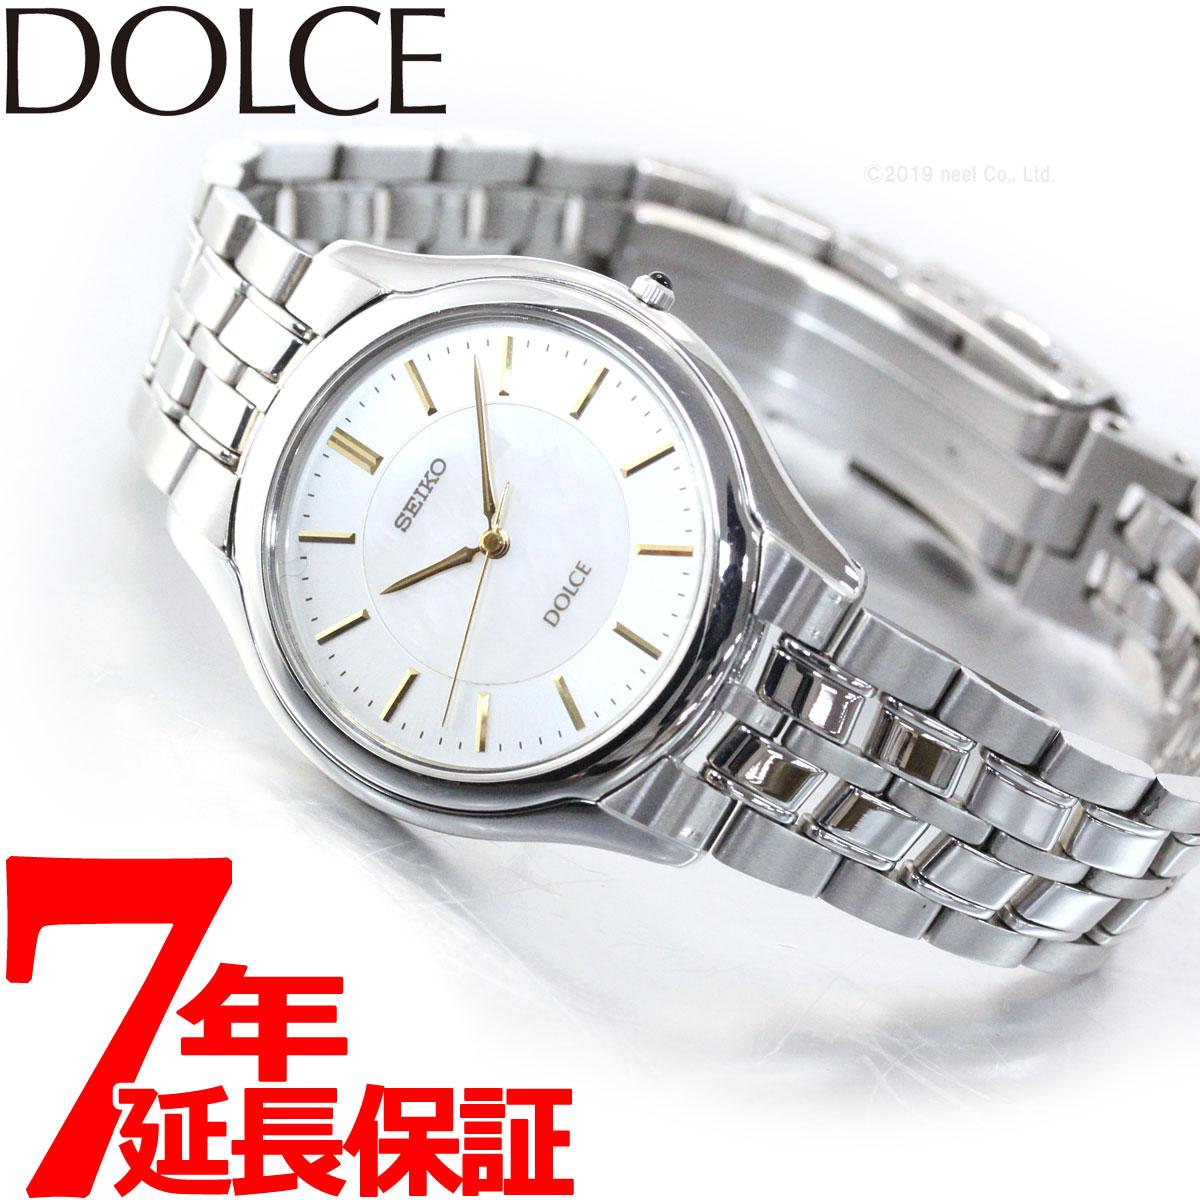 腕時計, ペアウォッチ 5000OFF37.5 SACL009 DOLCEEXCELINE SEIKO